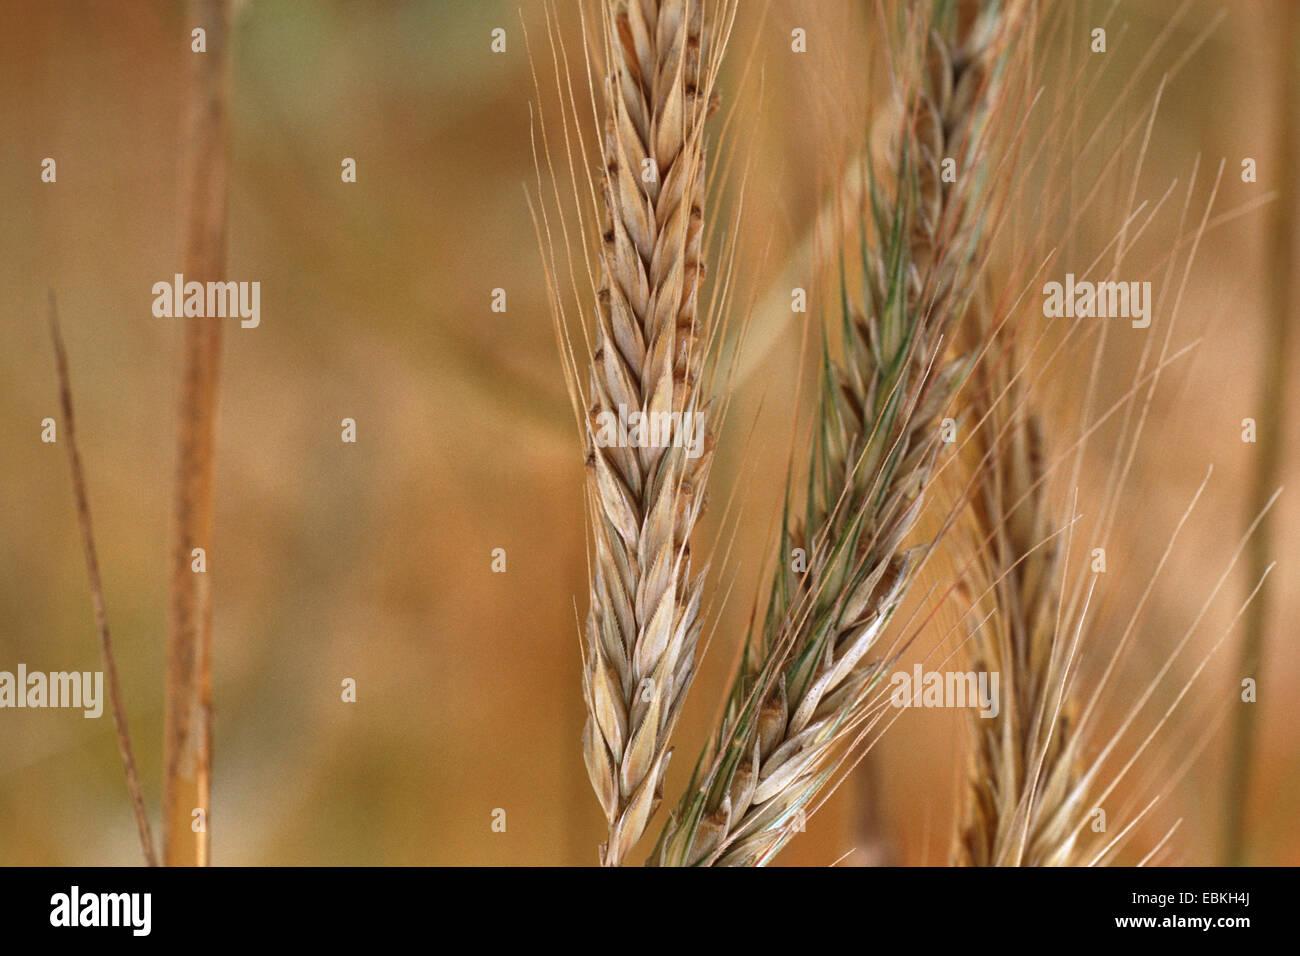 Les espèces de seigle (Secale vavilovii), les crampons Photo Stock